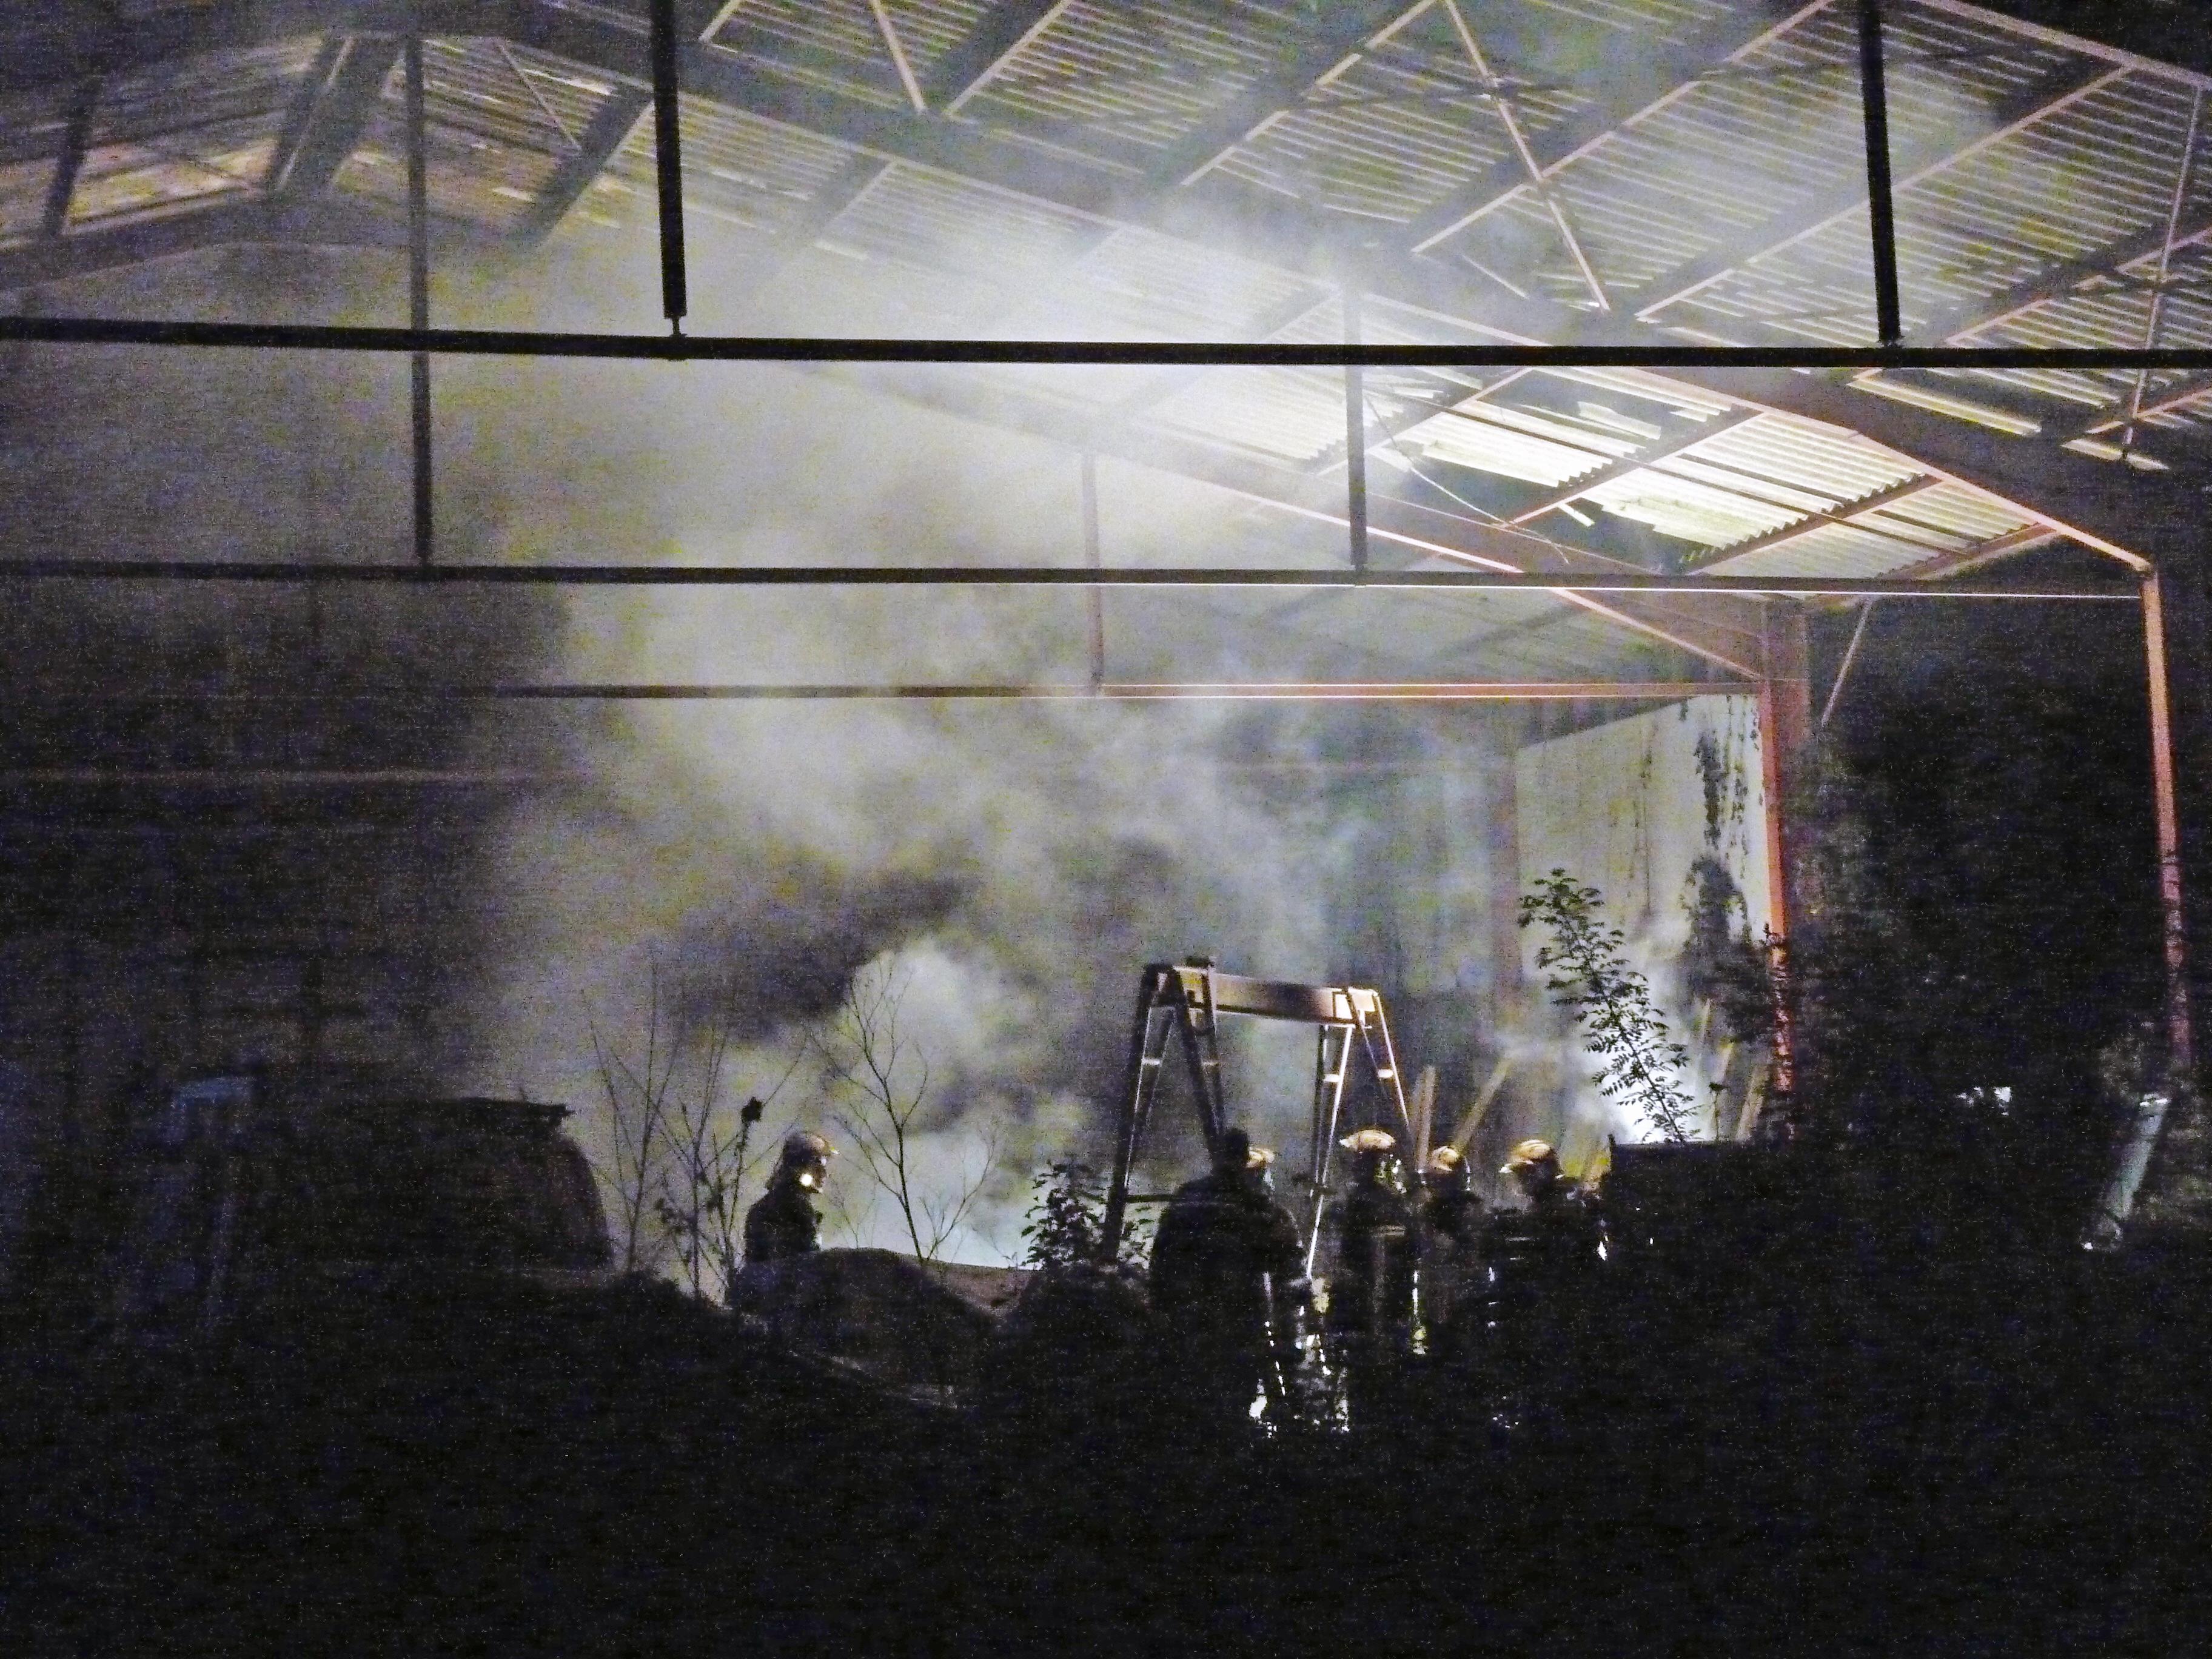 Feu dans un hangar agricole sur la commune de Cahuzac-sur-Vère